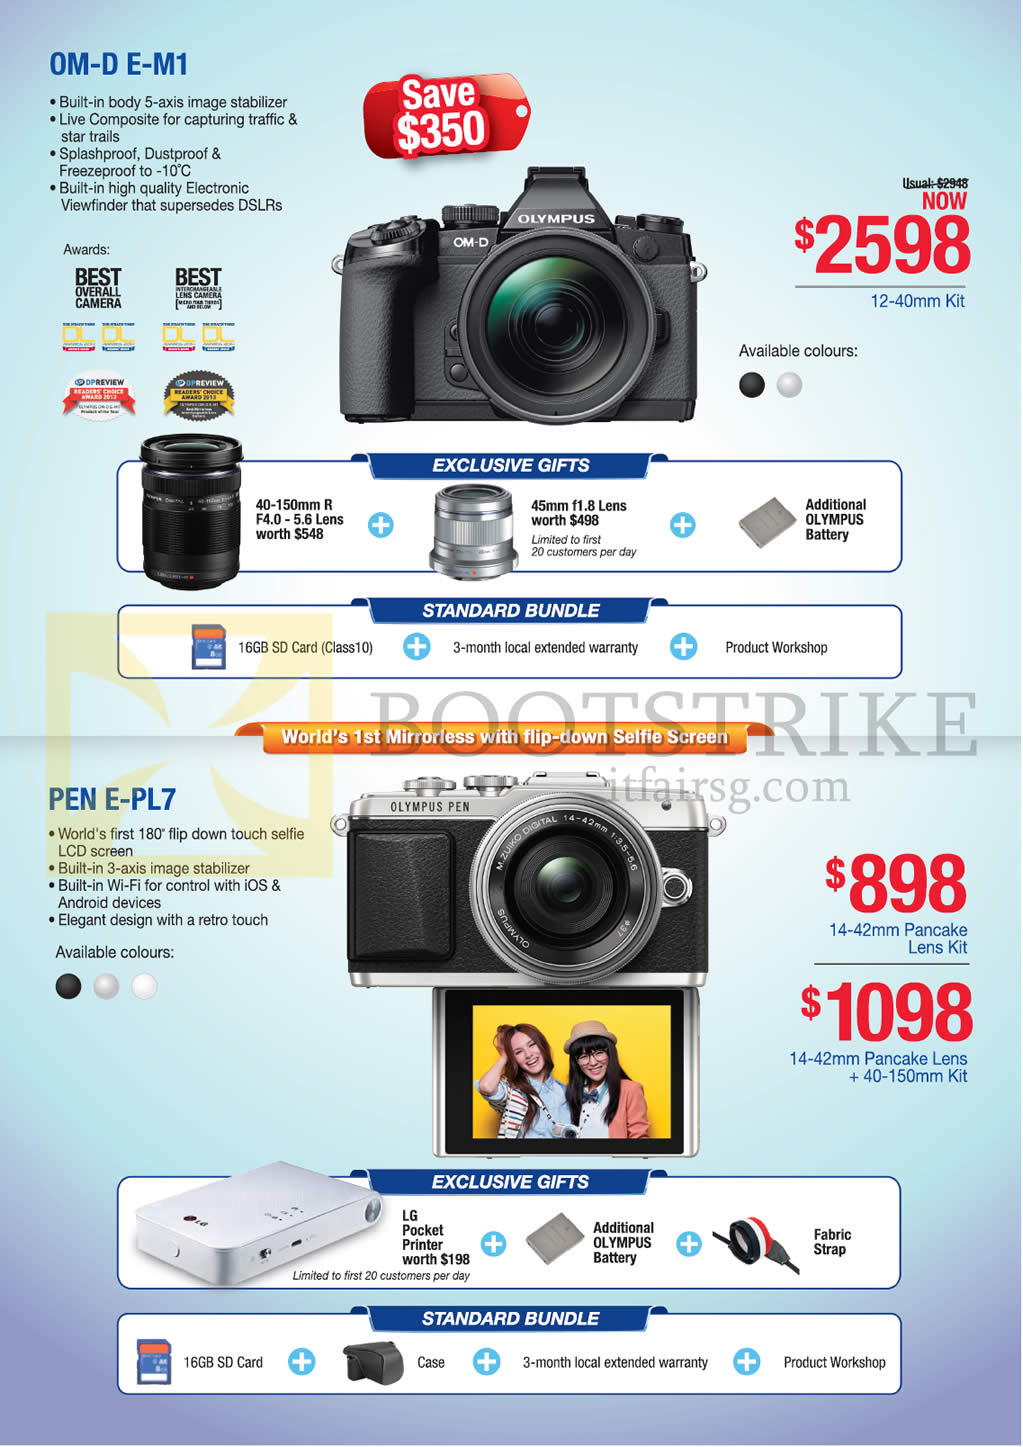 Olympus Digital Cameras OM-D E-M1, Pen E-PL7